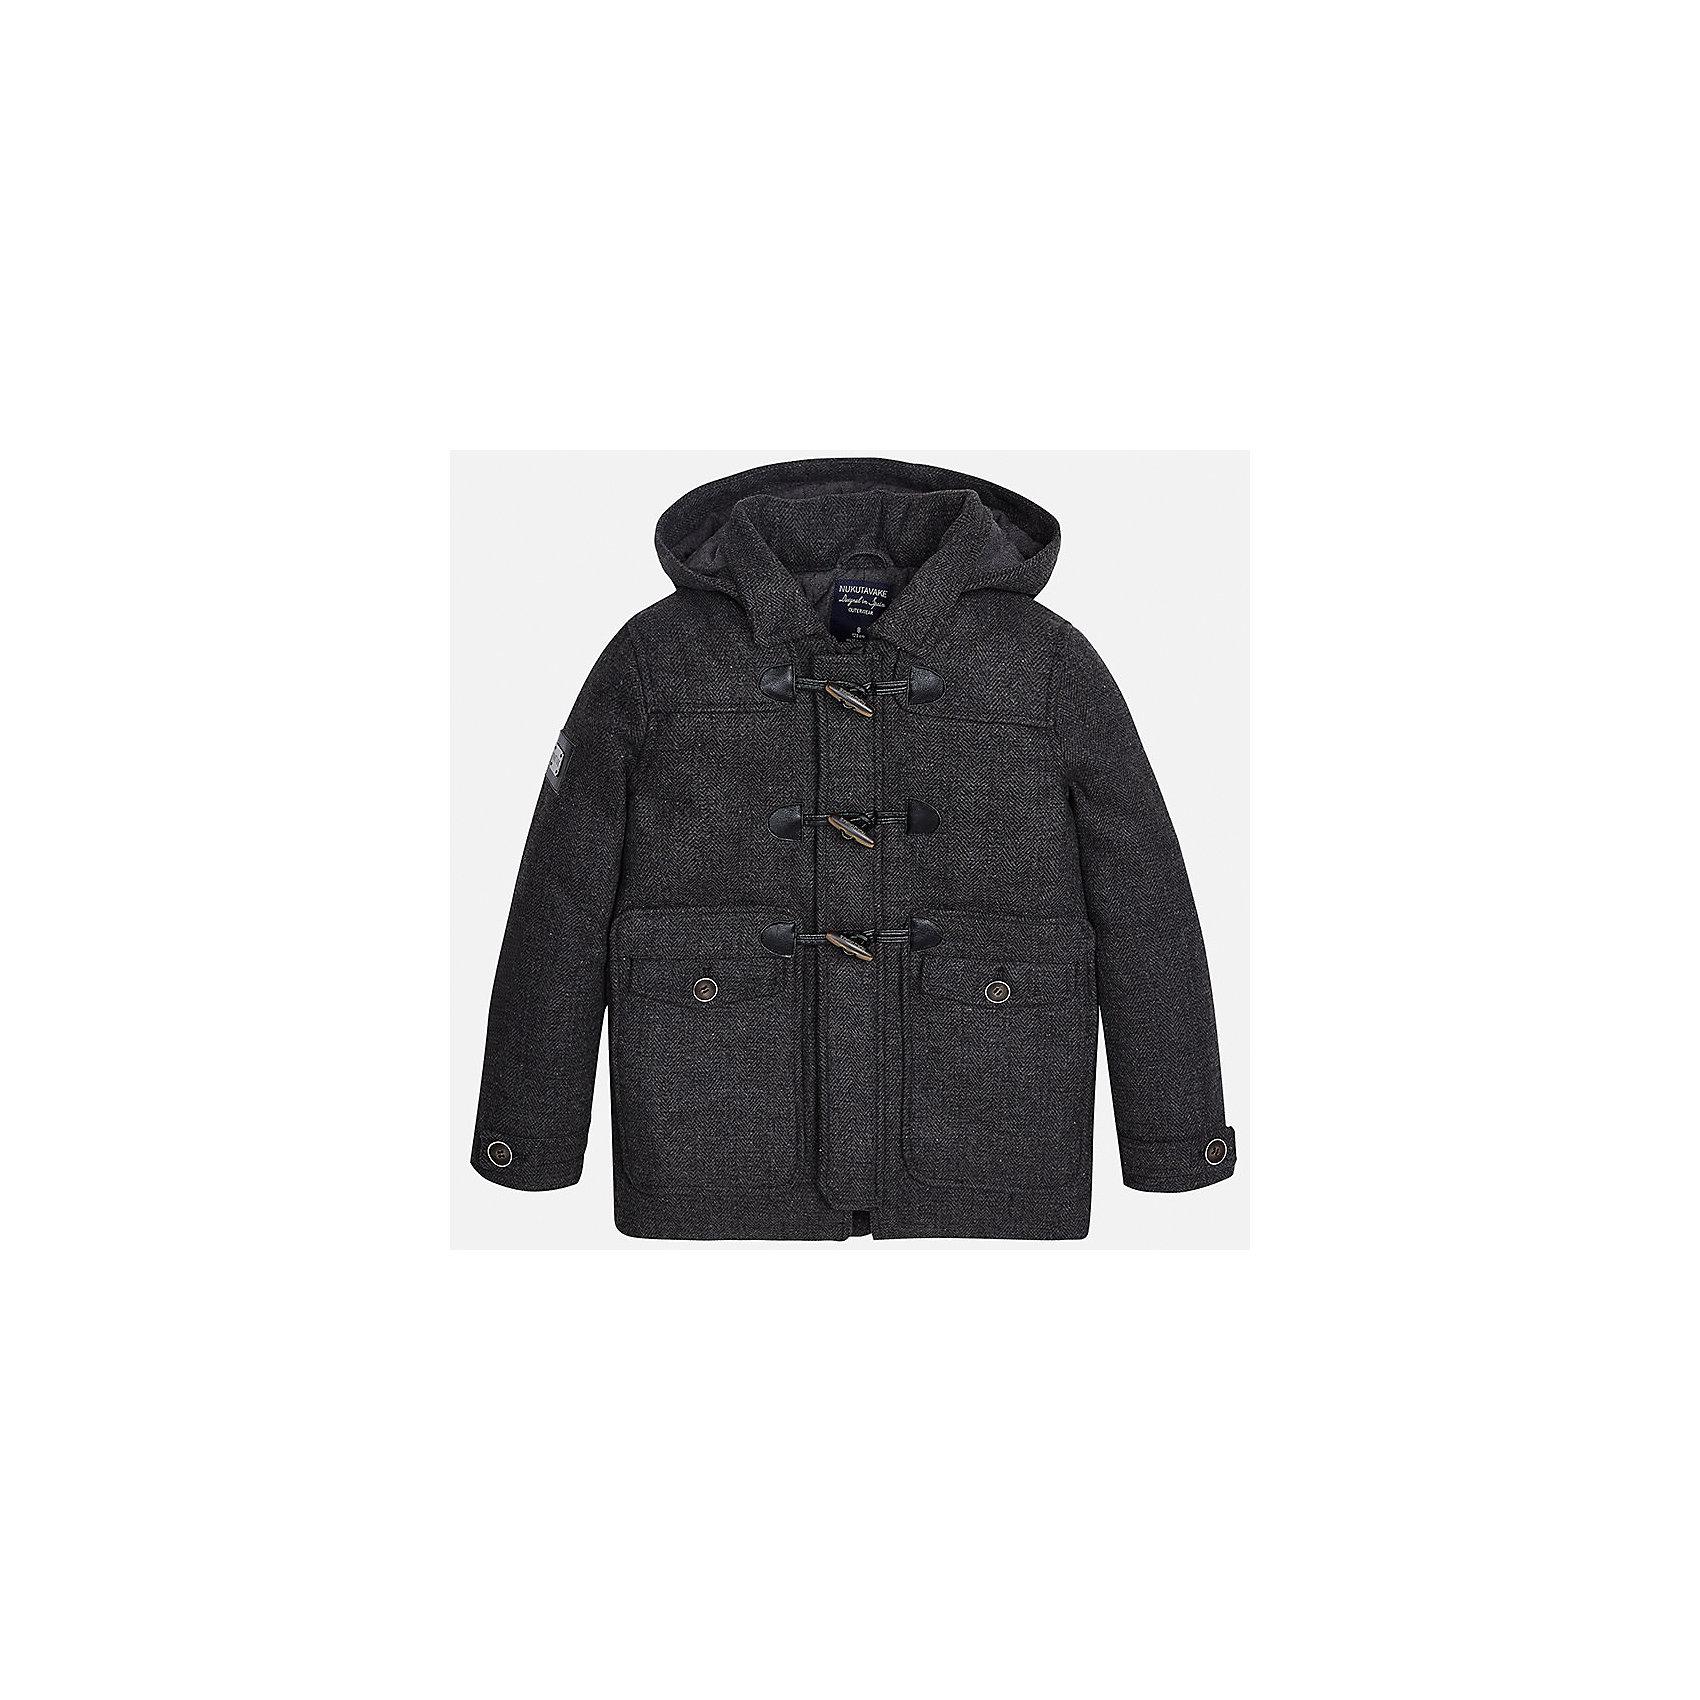 Куртка для мальчика MayoralДемисезонные куртки<br>Характеристики товара:<br><br>• цвет: серый;<br>• сезон: демисезон;<br>• температурный режим: от 0 до -10С;<br>• состав ткани: 100% полиэстер;<br>• состав подкладки: 100% полиэстер;<br>• на молнии и на кнопках;<br>• фасон: парка;<br>• капюшон:   отстегивается, без меха;<br>• страна бренда: Испания;<br>• страна изготовитель: Китай.<br><br>Утепленная демисезонная куртка для мальчика от популярного бренда Mayoral,  модный фасон - парка  несомненно понравится вам и вашему ребенку. Качественные ткани, безупречное исполнение, все модели в центре модных тенденций. <br><br>Удлиненная модель серого цвета декорирована вставками под кожу. Модель на мягкой подкладке дополнена нагрудными и передними карманами, отстегивающимся капюшоном на молнии, а также широкими эластичными резинками на манжетах. Куртка застегивается на удобную безопасную молнию, кнопки и пуговицы.<br><br>Легкая и теплая куртка-парка с капюшоном и карманами на холодную осень - теплую зиму. Грамотный крой изделия обеспечивает отличную посадку по фигуре. <br><br>Утепленная демисезонная куртка для мальчика Mayoral (Майорал) можно купить в нашем интернет-магазине.<br><br>Ширина мм: 356<br>Глубина мм: 10<br>Высота мм: 245<br>Вес г: 519<br>Цвет: серый<br>Возраст от месяцев: 168<br>Возраст до месяцев: 180<br>Пол: Мужской<br>Возраст: Детский<br>Размер: 170,128/134,140,152,158,164<br>SKU: 6938907